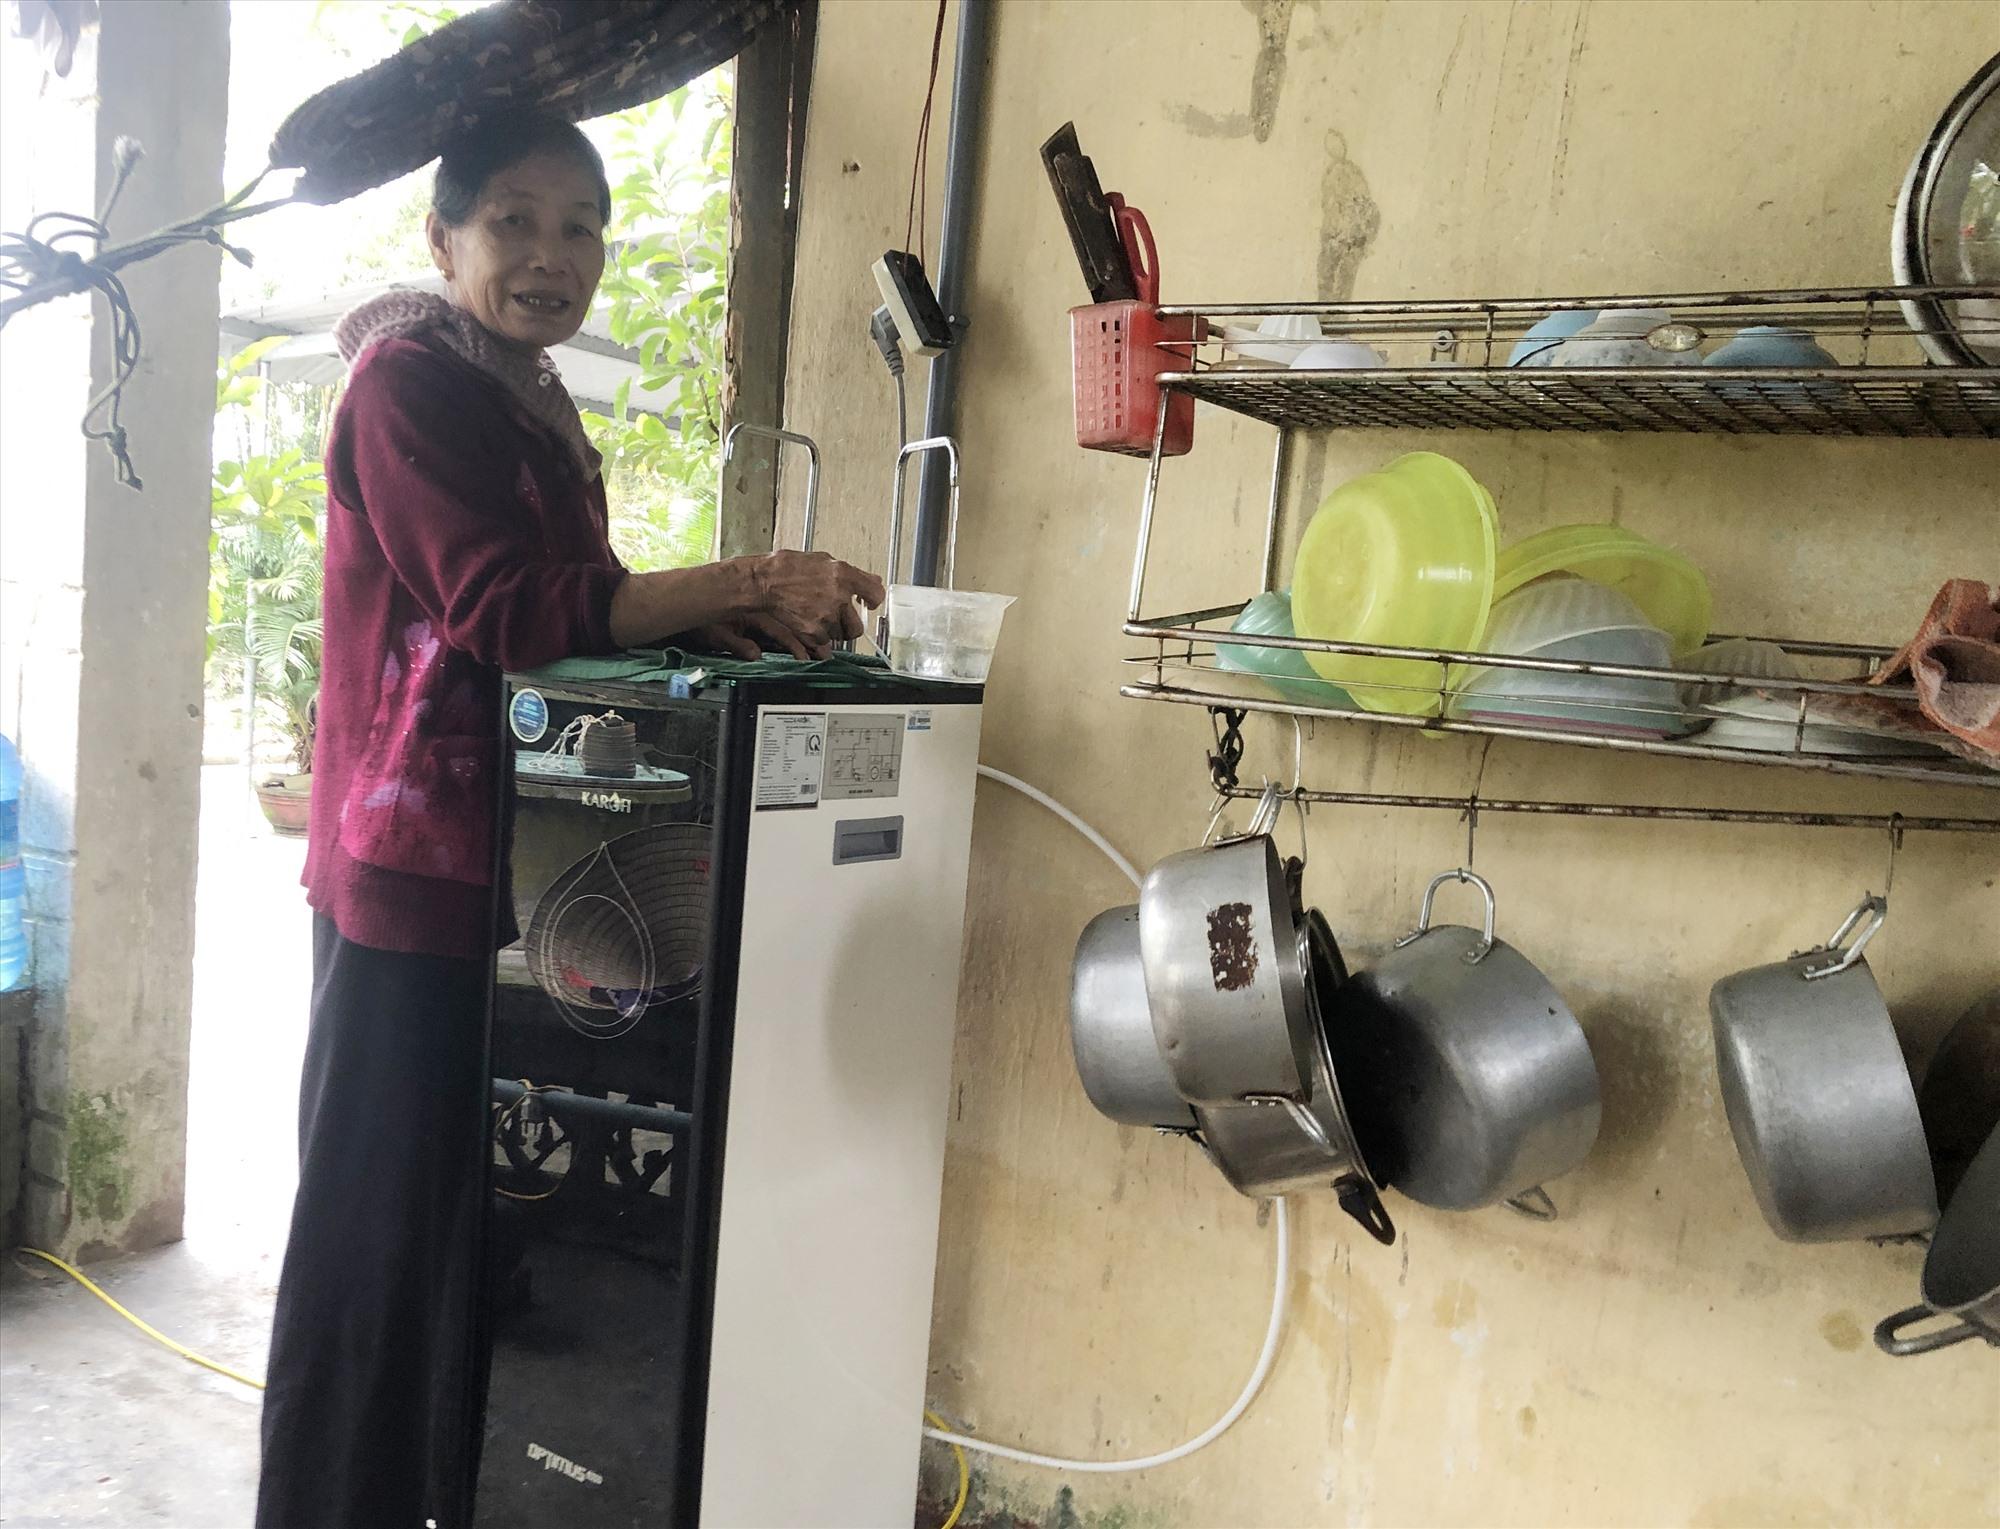 Người dân thôn Thái Nam (xã Tam Thăng) vẫn chưa có nước sạch để sử dụng. Ảnh: X.H